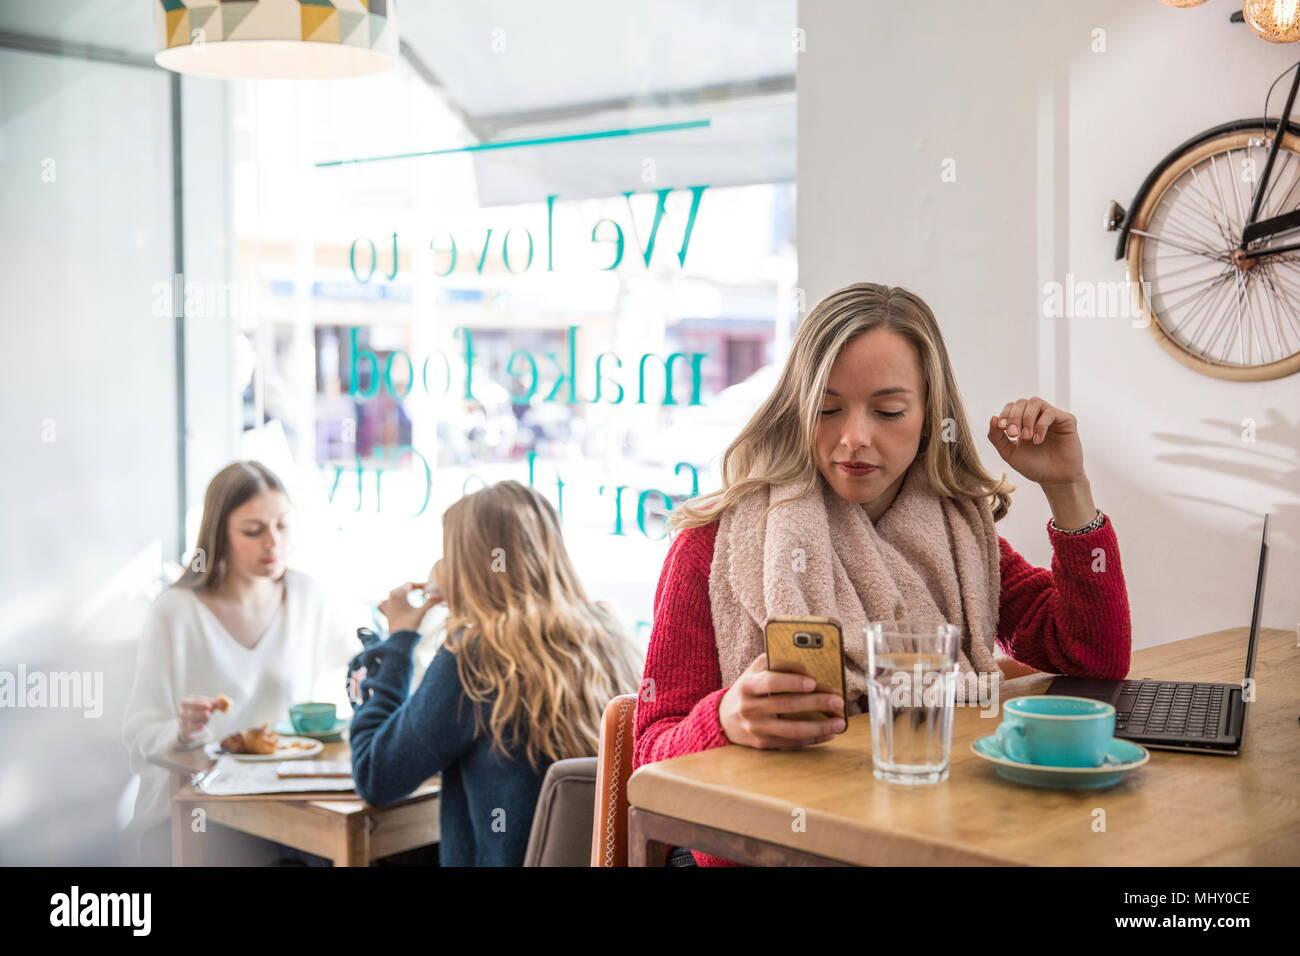 Frau sitzt im Cafe, Smartphone, Laptop vor ihr Stockfoto